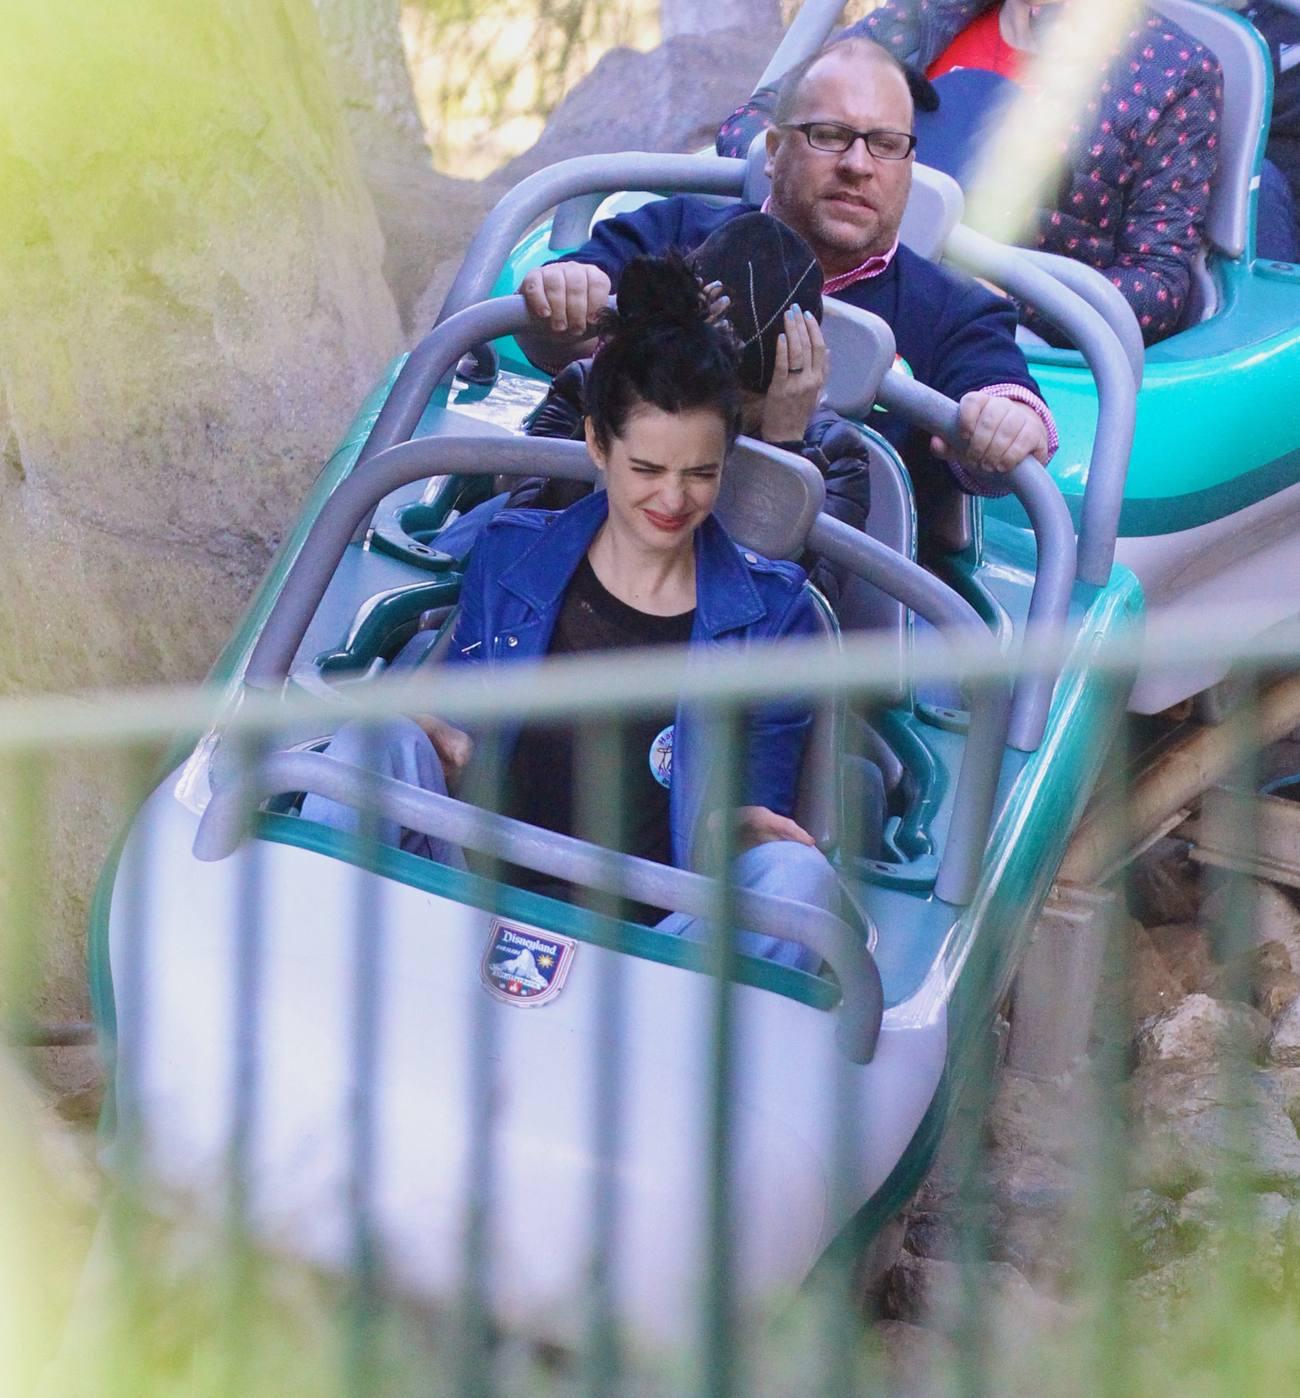 Krysten Ritter Celebrates Her Birthday at Disneyland-1